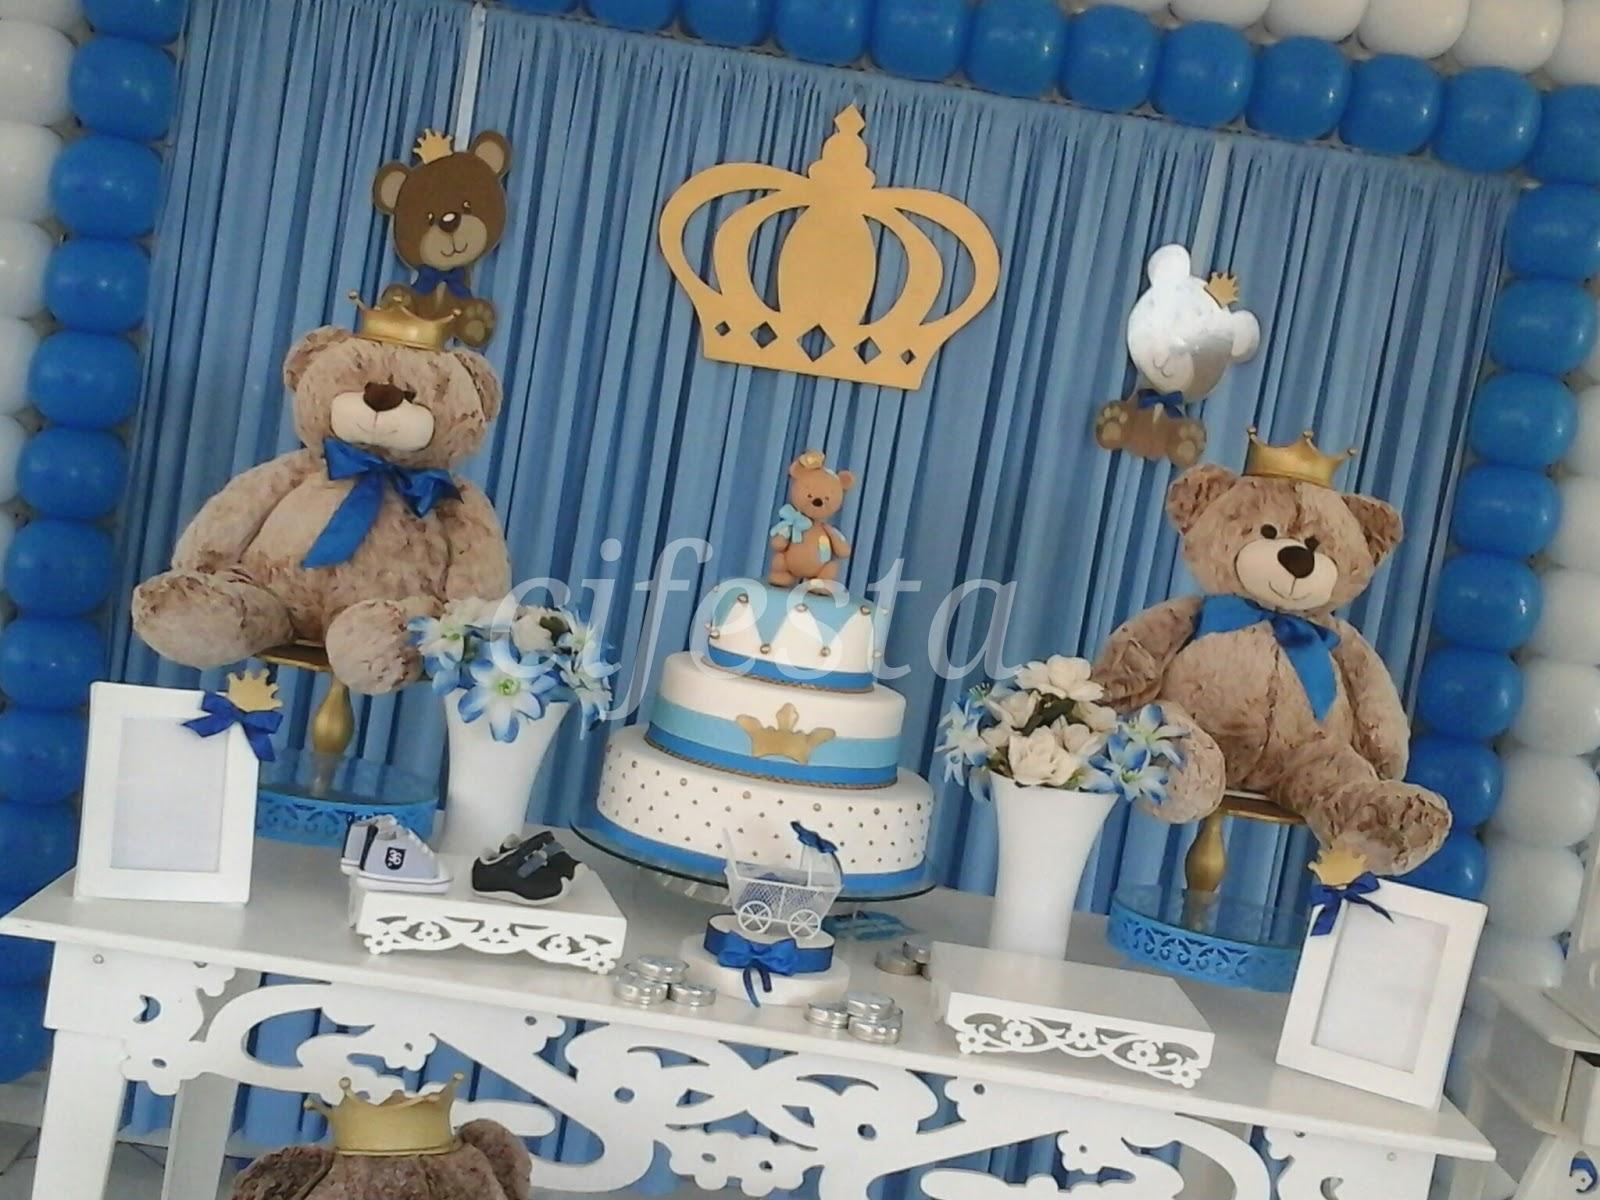 Chá de beb u00ea com o tema ursinho príncipe Cifesta -> Decoração Cha De Bebe Ursinho Principe Simples